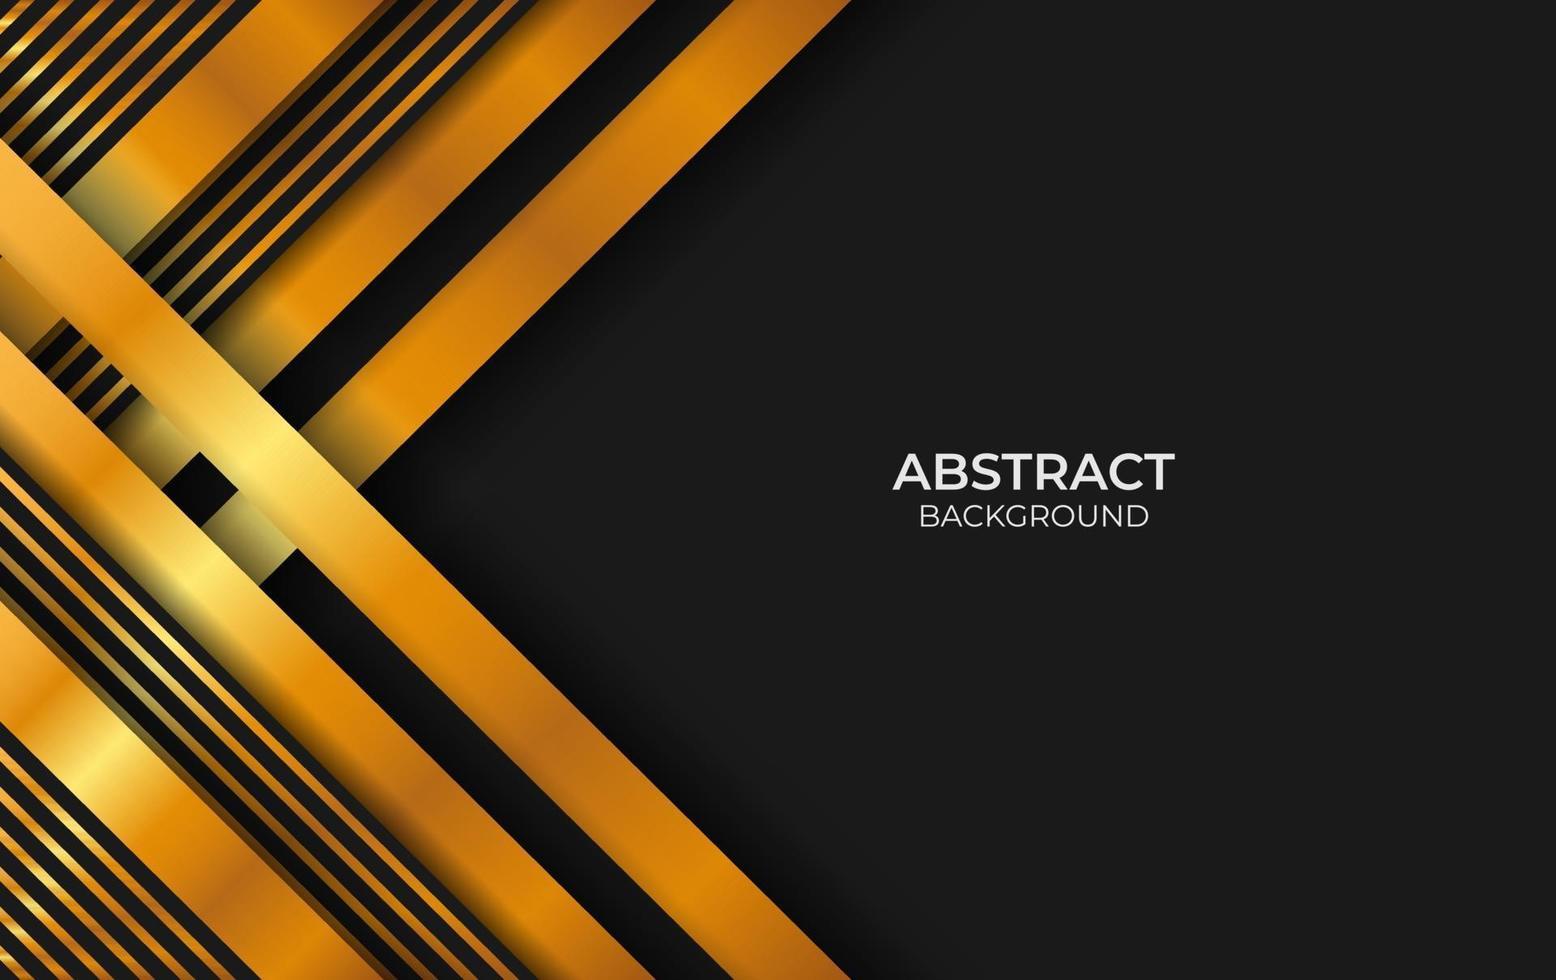 fond de style abstrait luxe noir et or vecteur